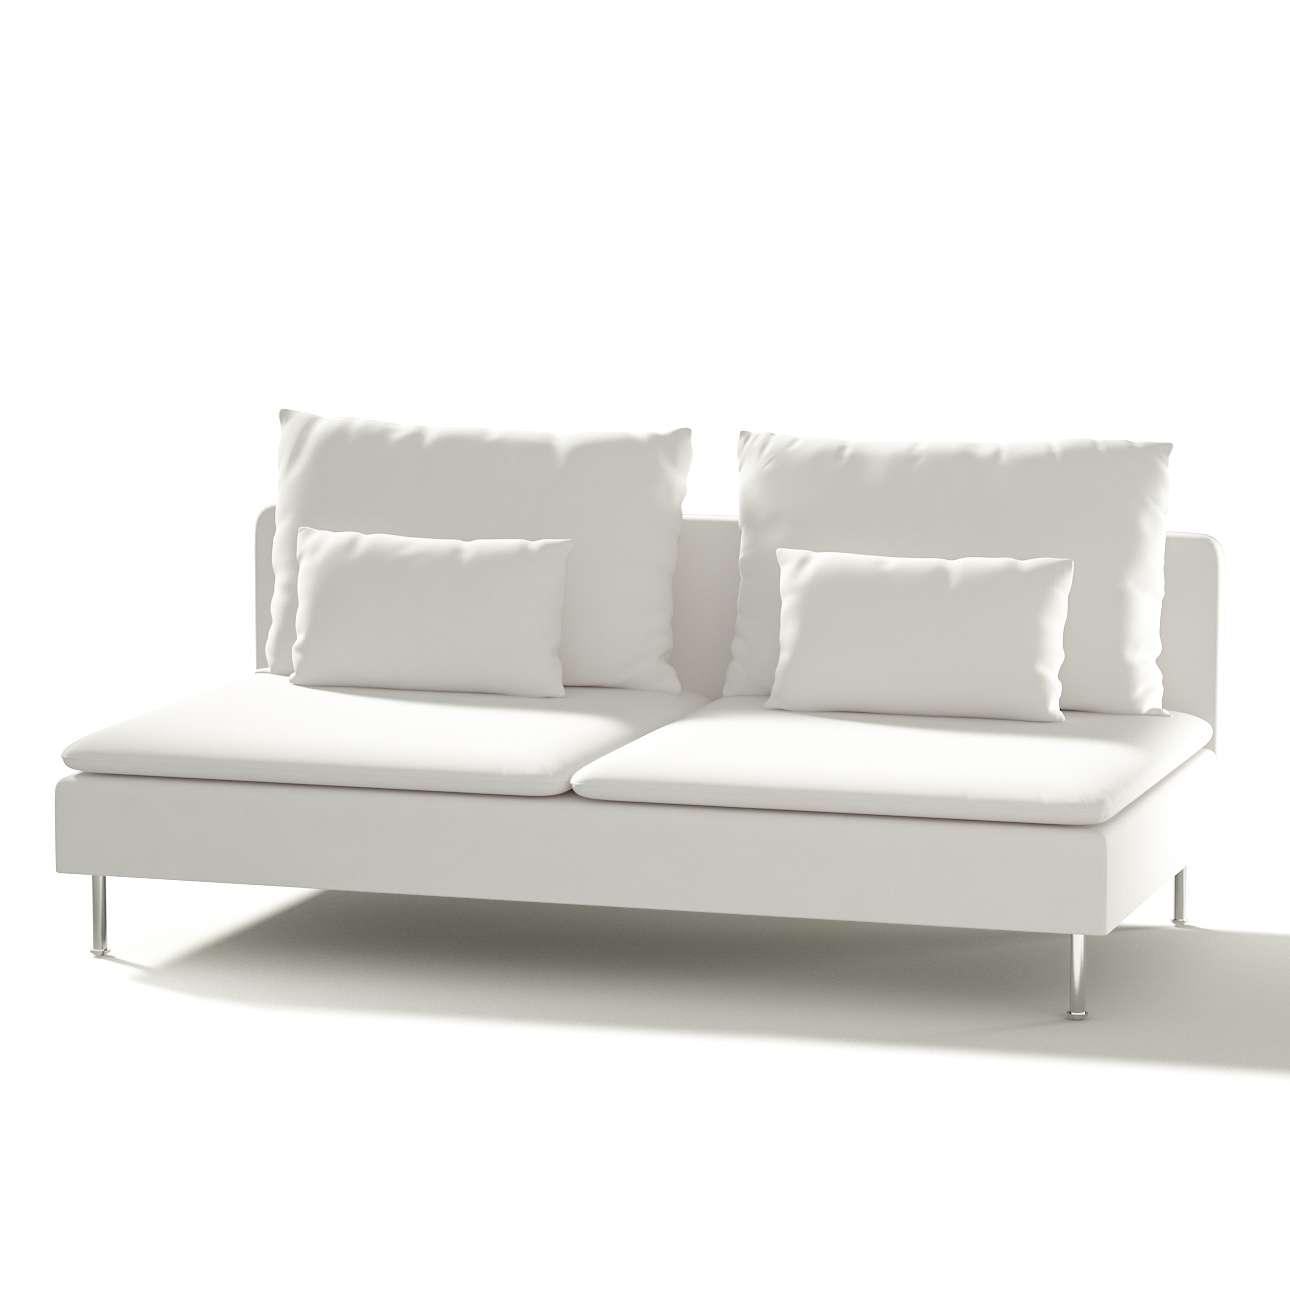 Bezug für Söderhamn Sitzelement 3 von der Kollektion Cotton Panama, Stoff: 702-34